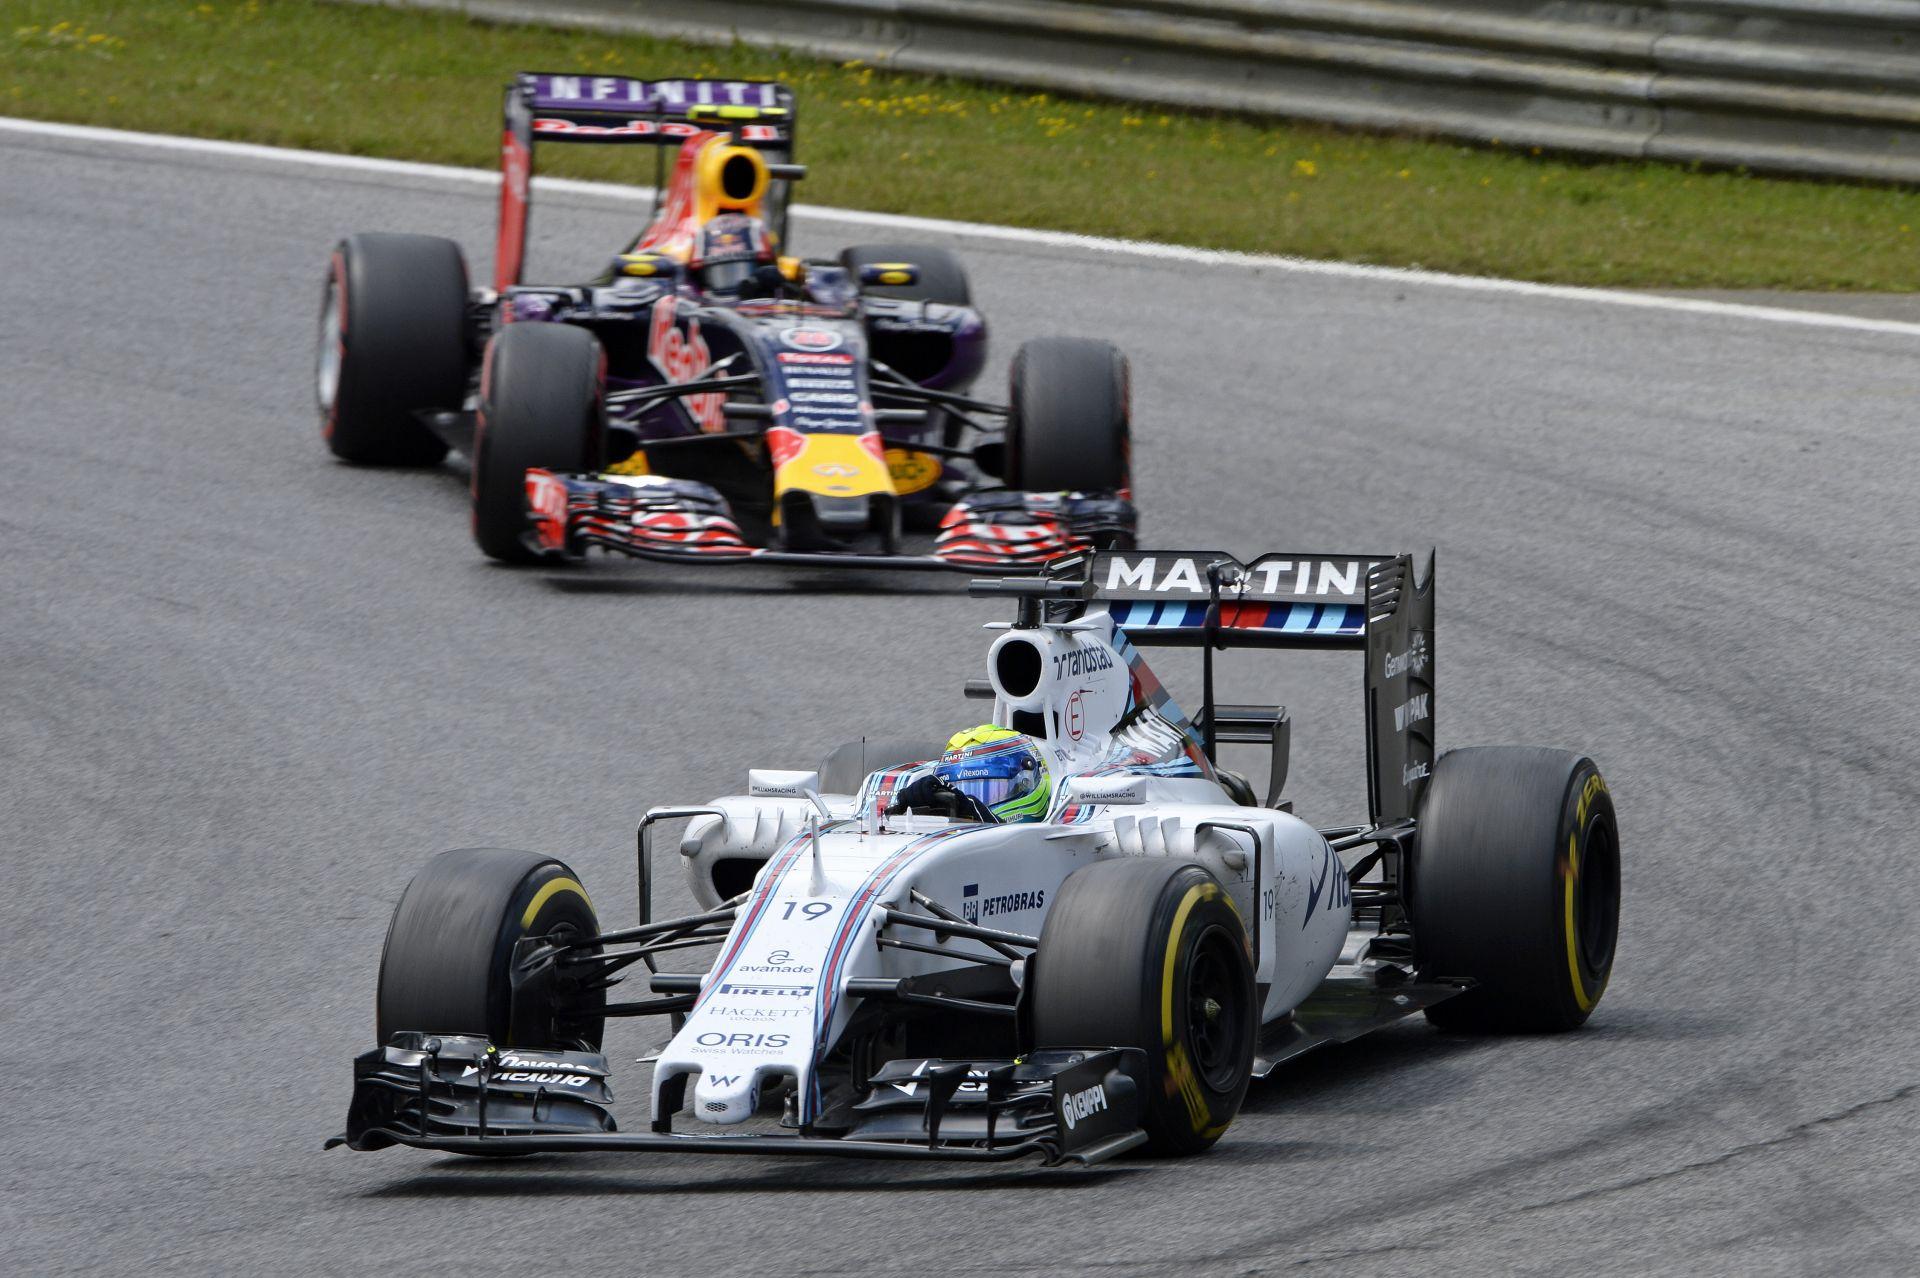 A Williams az üldözőboly miatt aggódik - amúgy az autó eléggé rendben van!